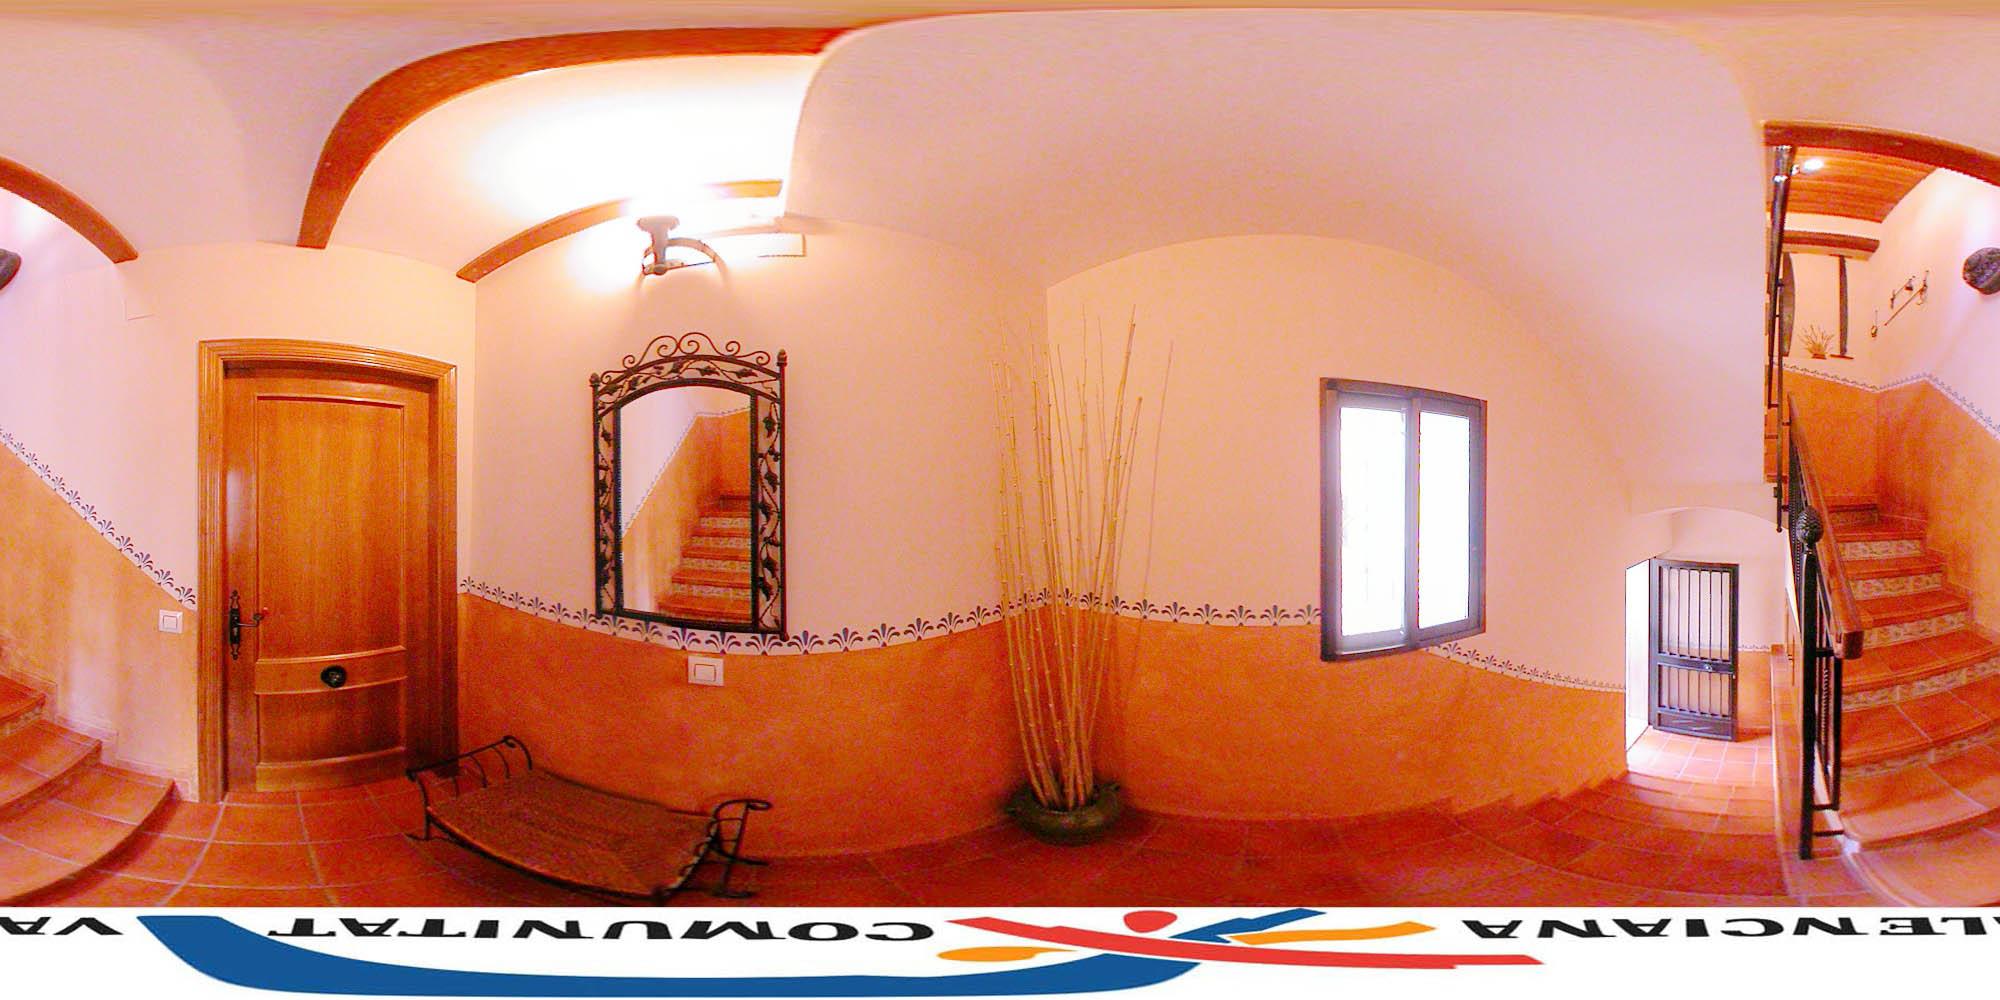 LOS ARCOS II